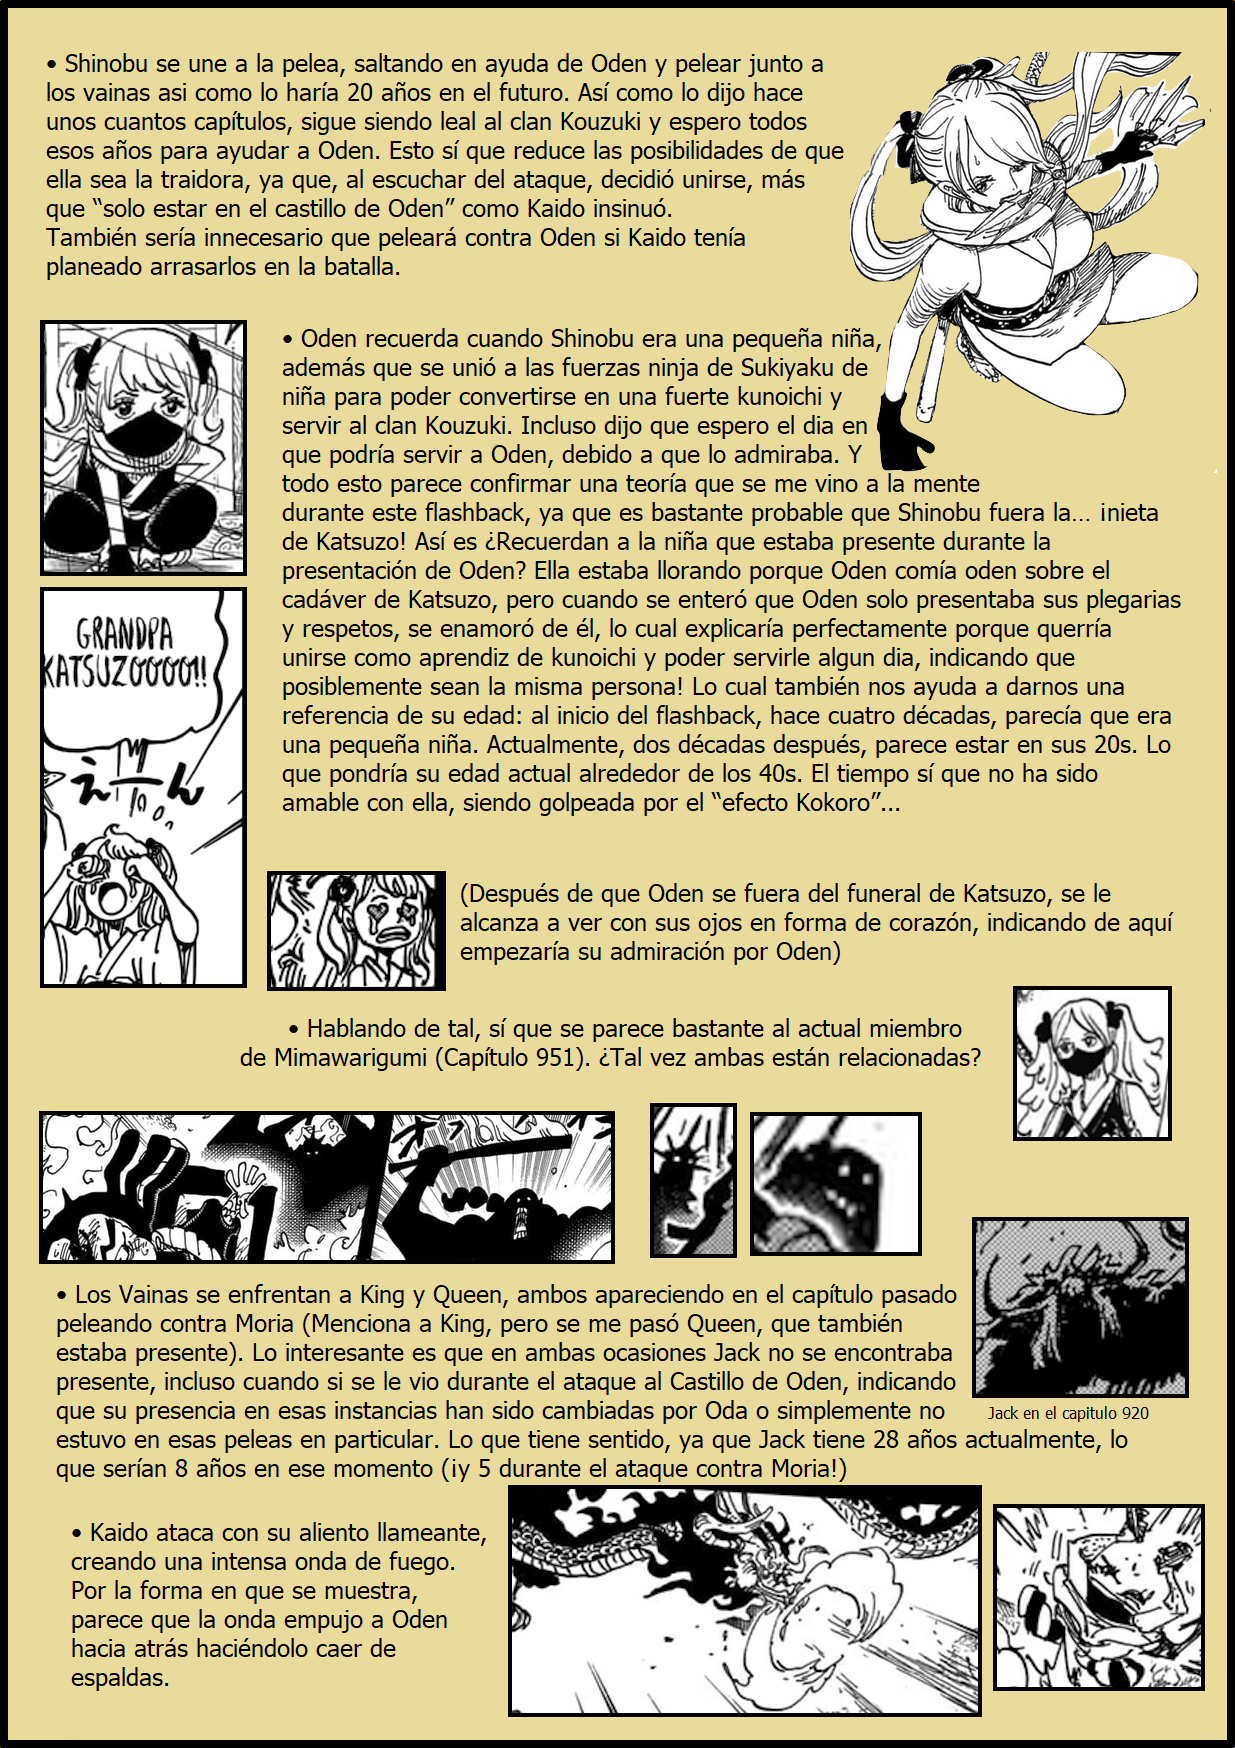 Secretos & Curiosidades - One Piece Manga 970 04